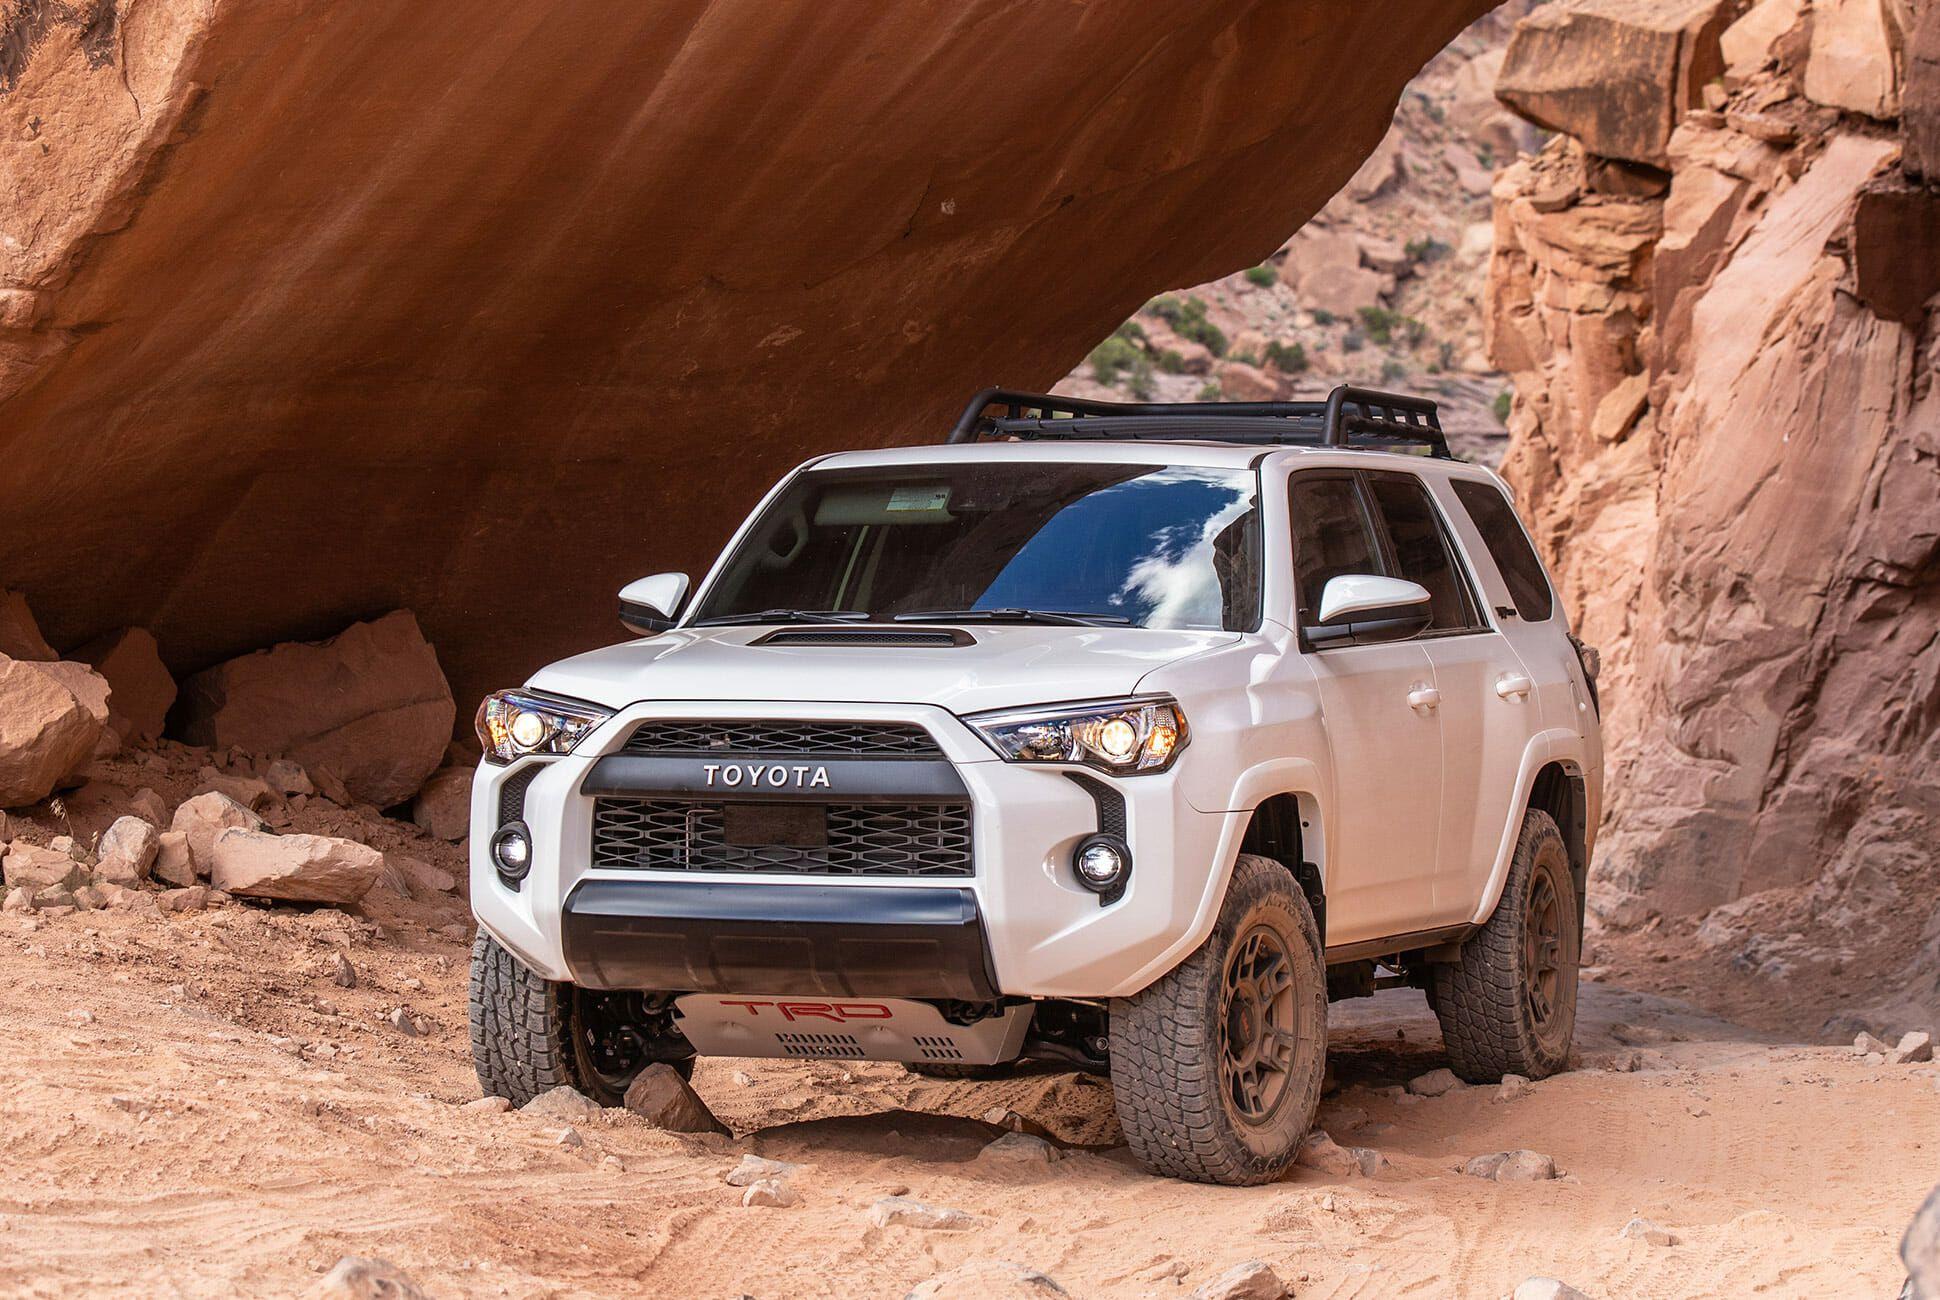 Toyota-4Runner-Tacoma-TRD-Pro-2020-gear-patrol-slide-3